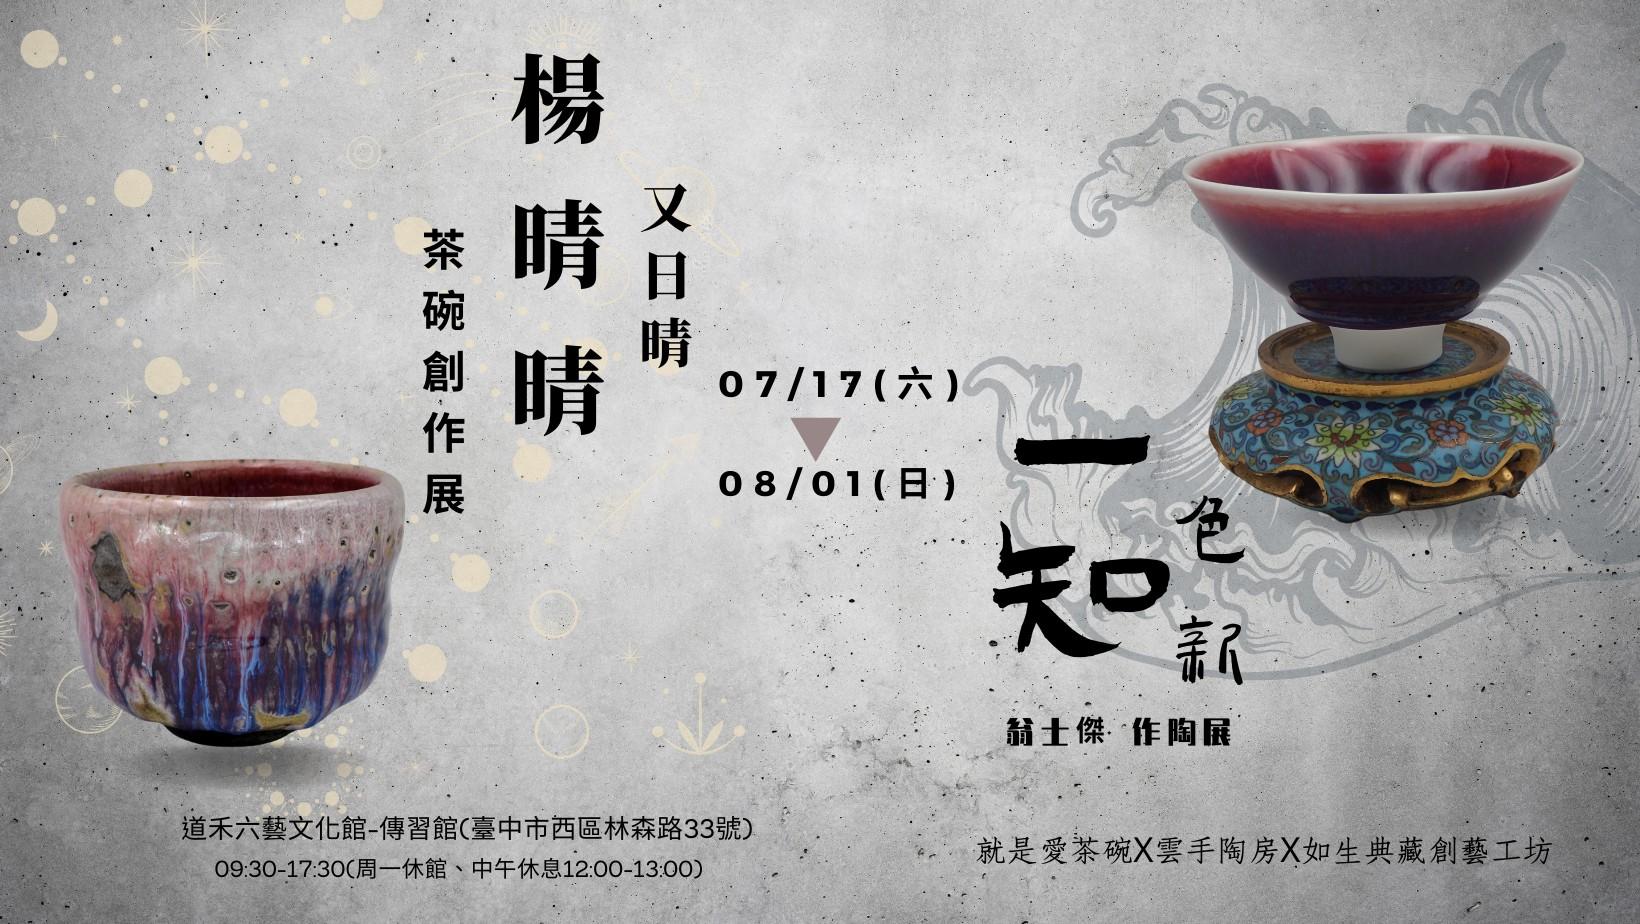 【傳習藝展】翁士傑 X 楊晴晴 展覽即將開展🎉